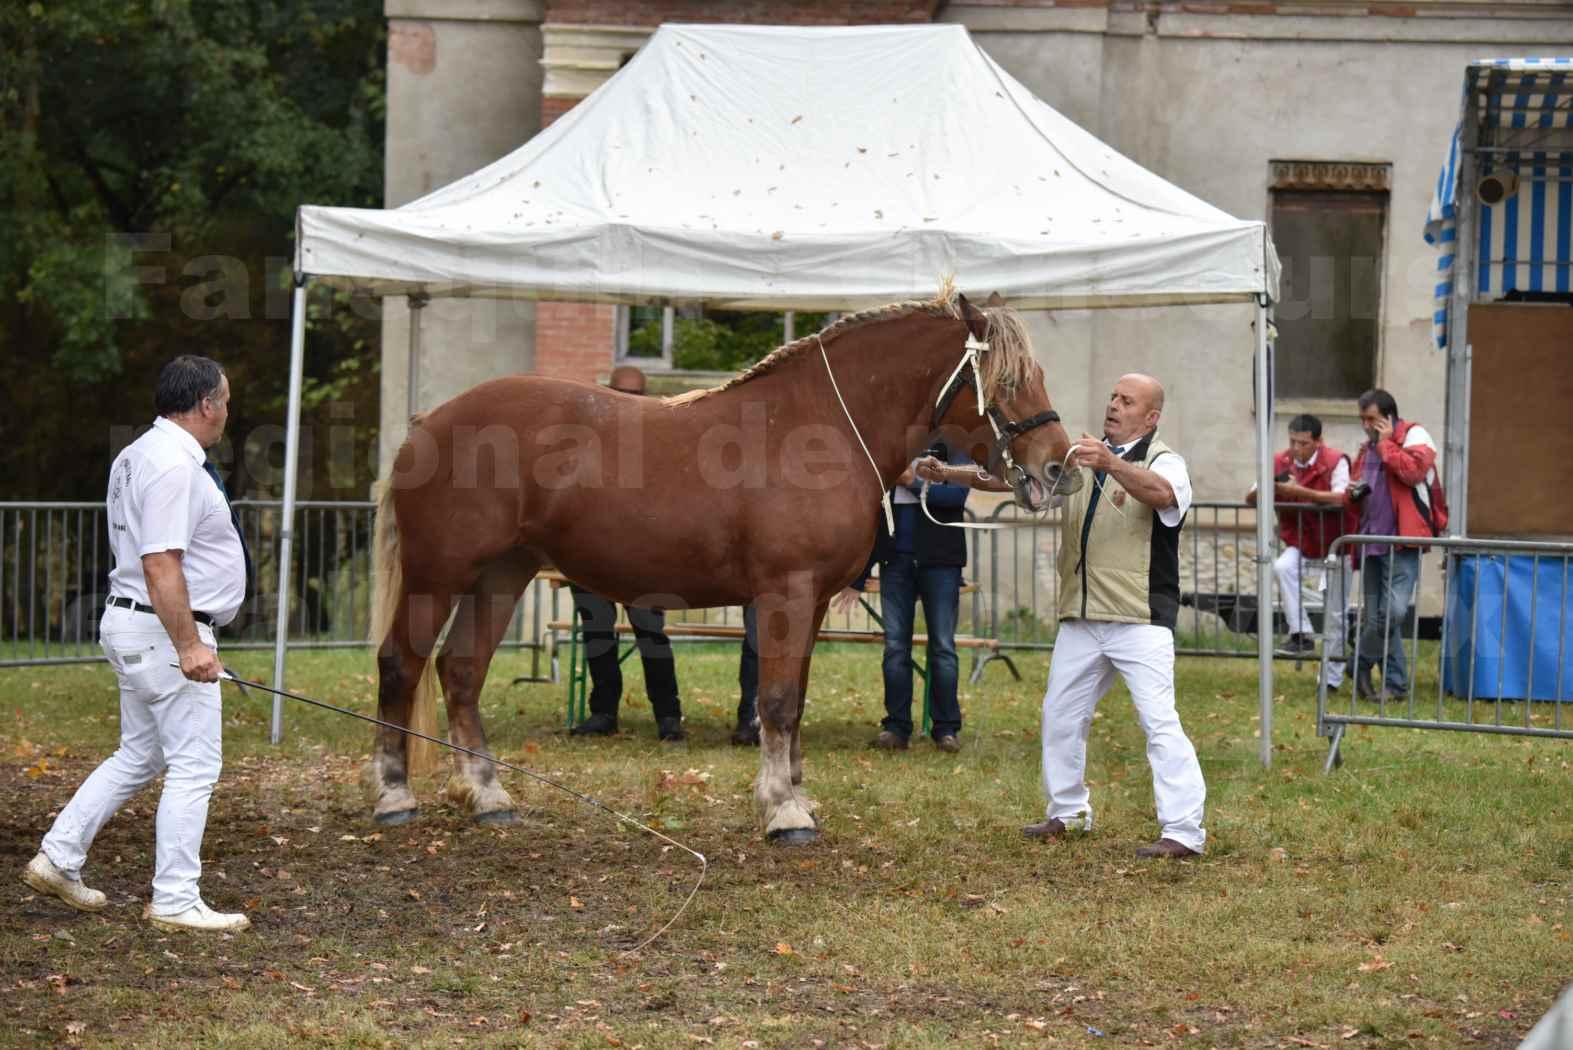 Concours Régional de chevaux de traits en 2017 - Trait COMTOIS - ERANIE DES RAYNAUDS - 01